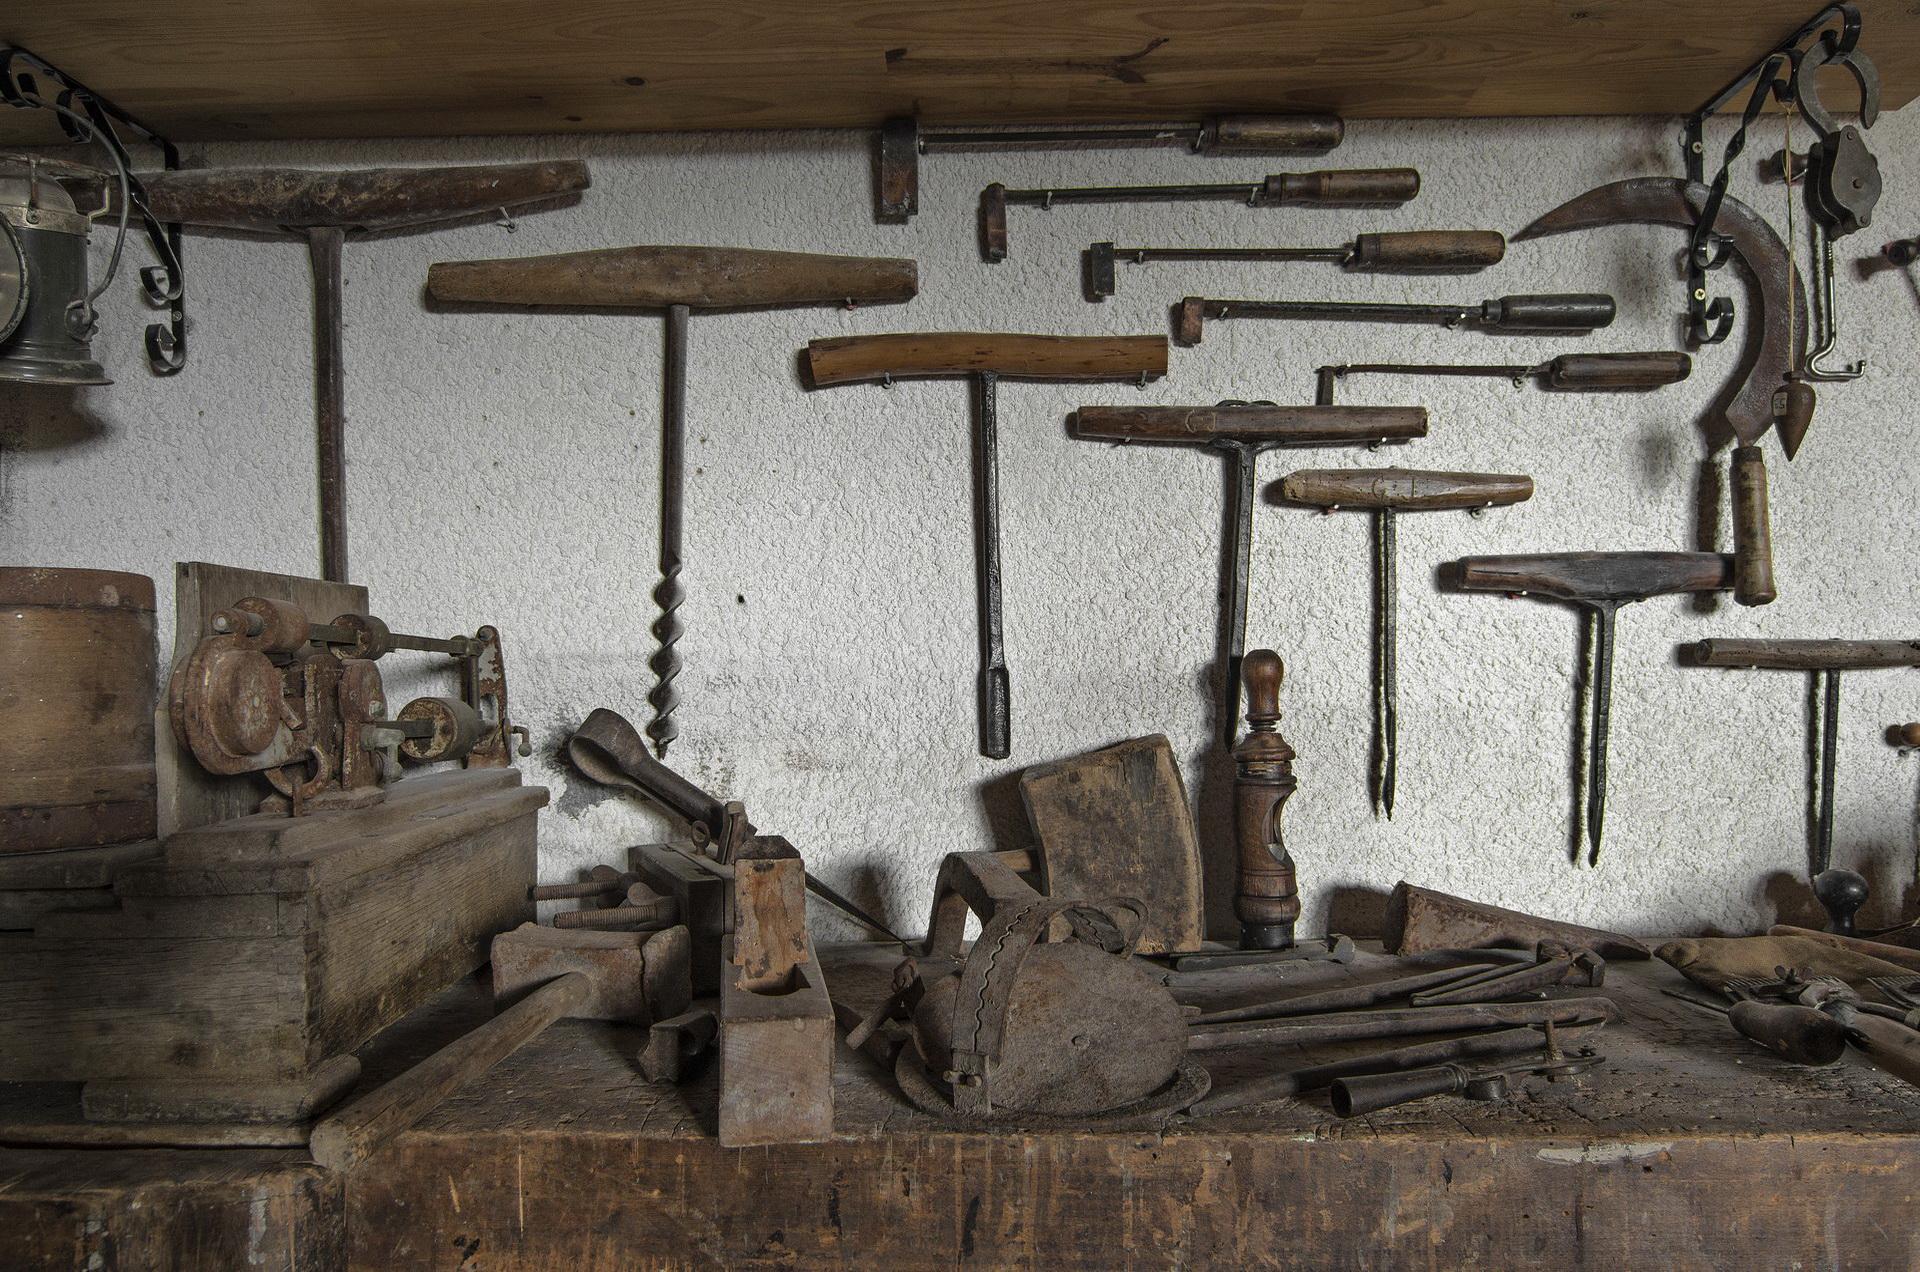 Fontaine Neuve gites et chambres d'hôtes à Lure : le musée des anciens, quelques outils